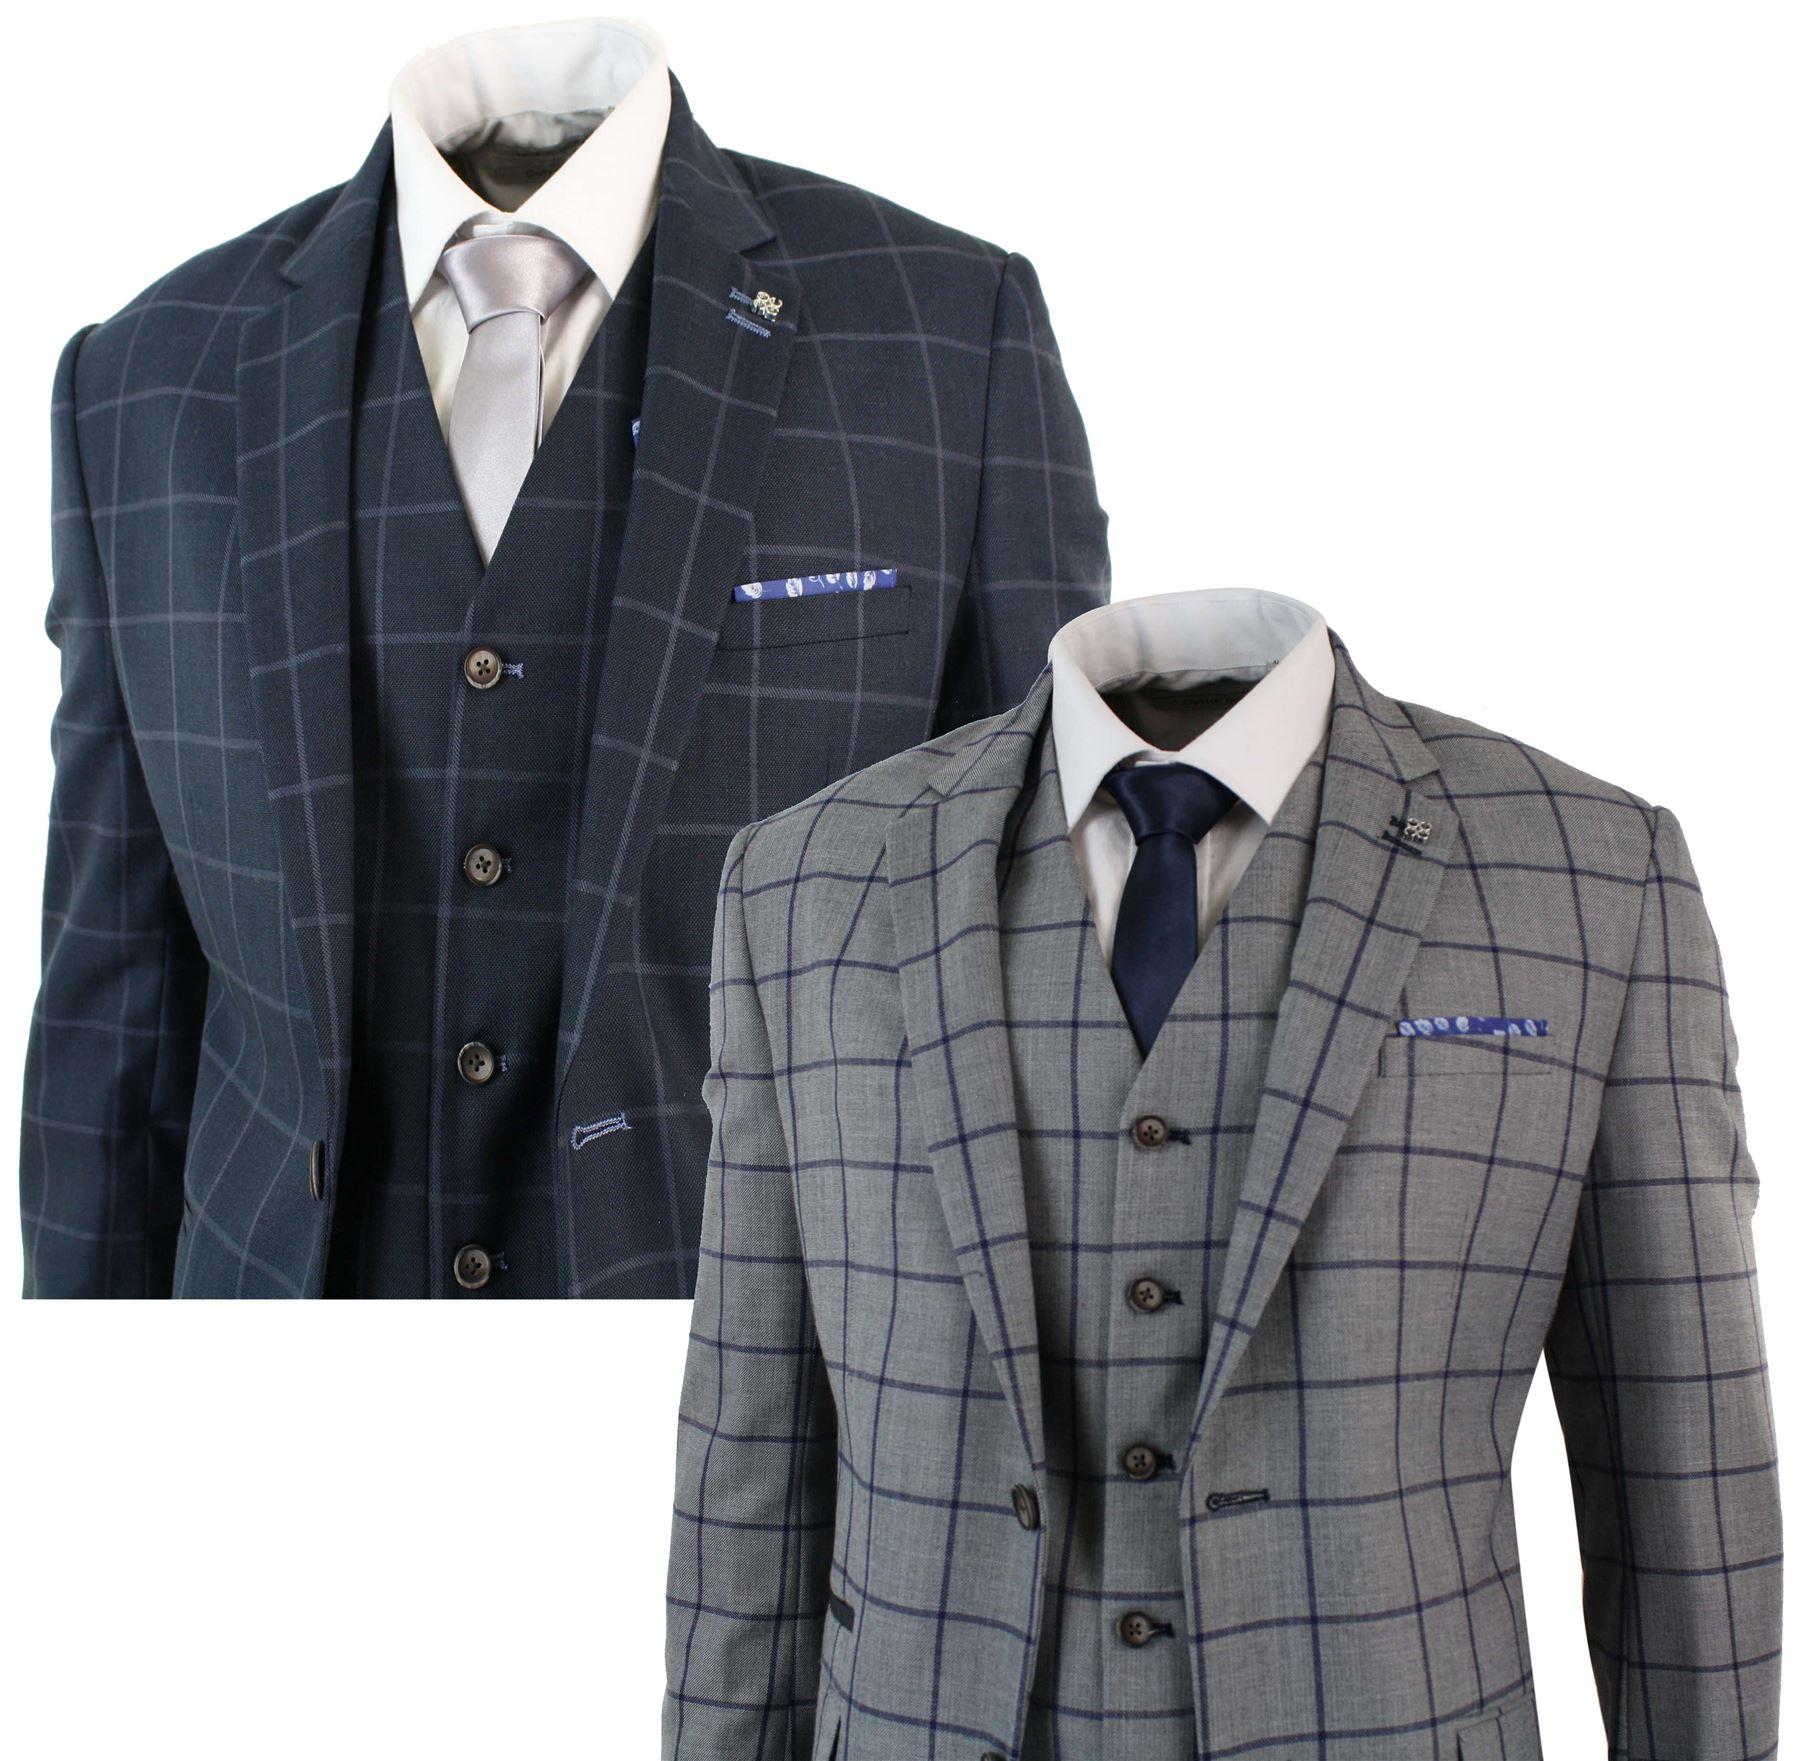 low priced 66398 76717 Details zu Herrenanzug 3 Teilig Grau Blau Tailored Fit Kariert Klassisch  Vintage Retro